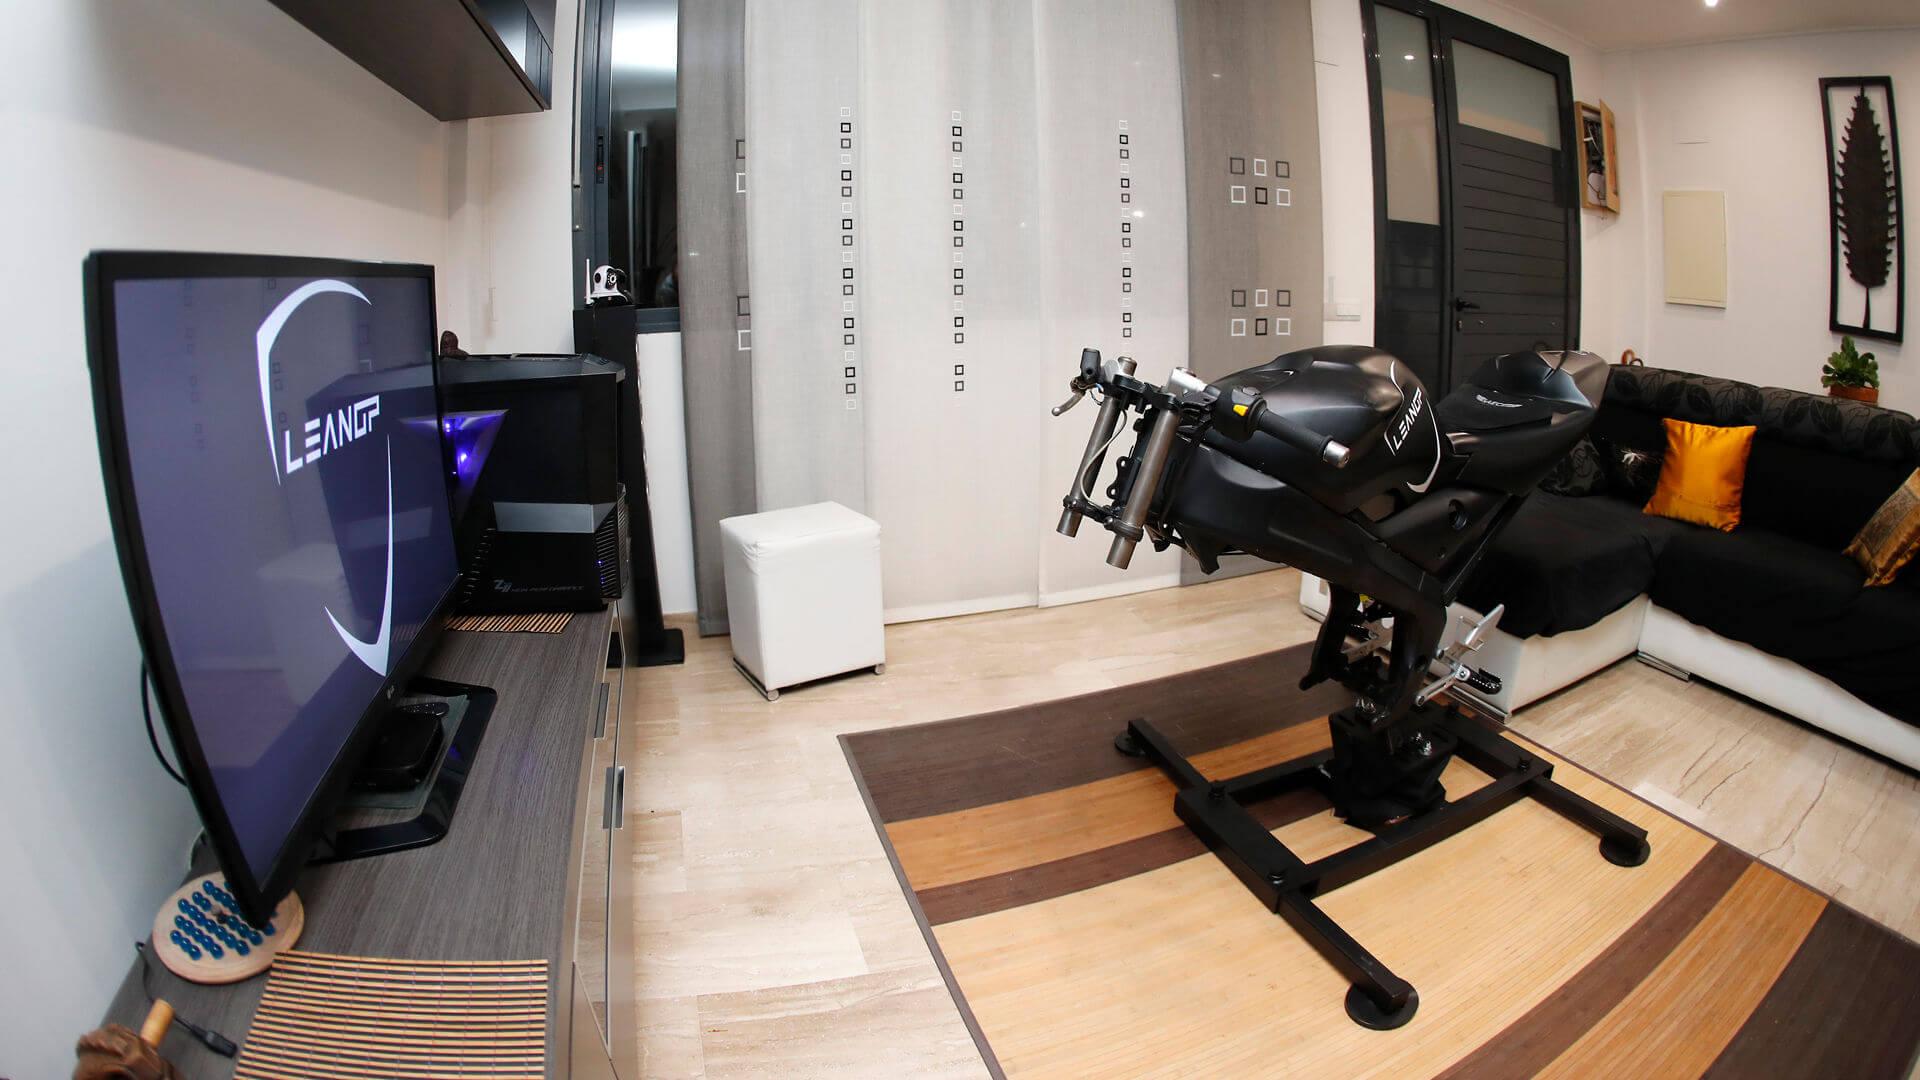 simulateur de moto lean ps4